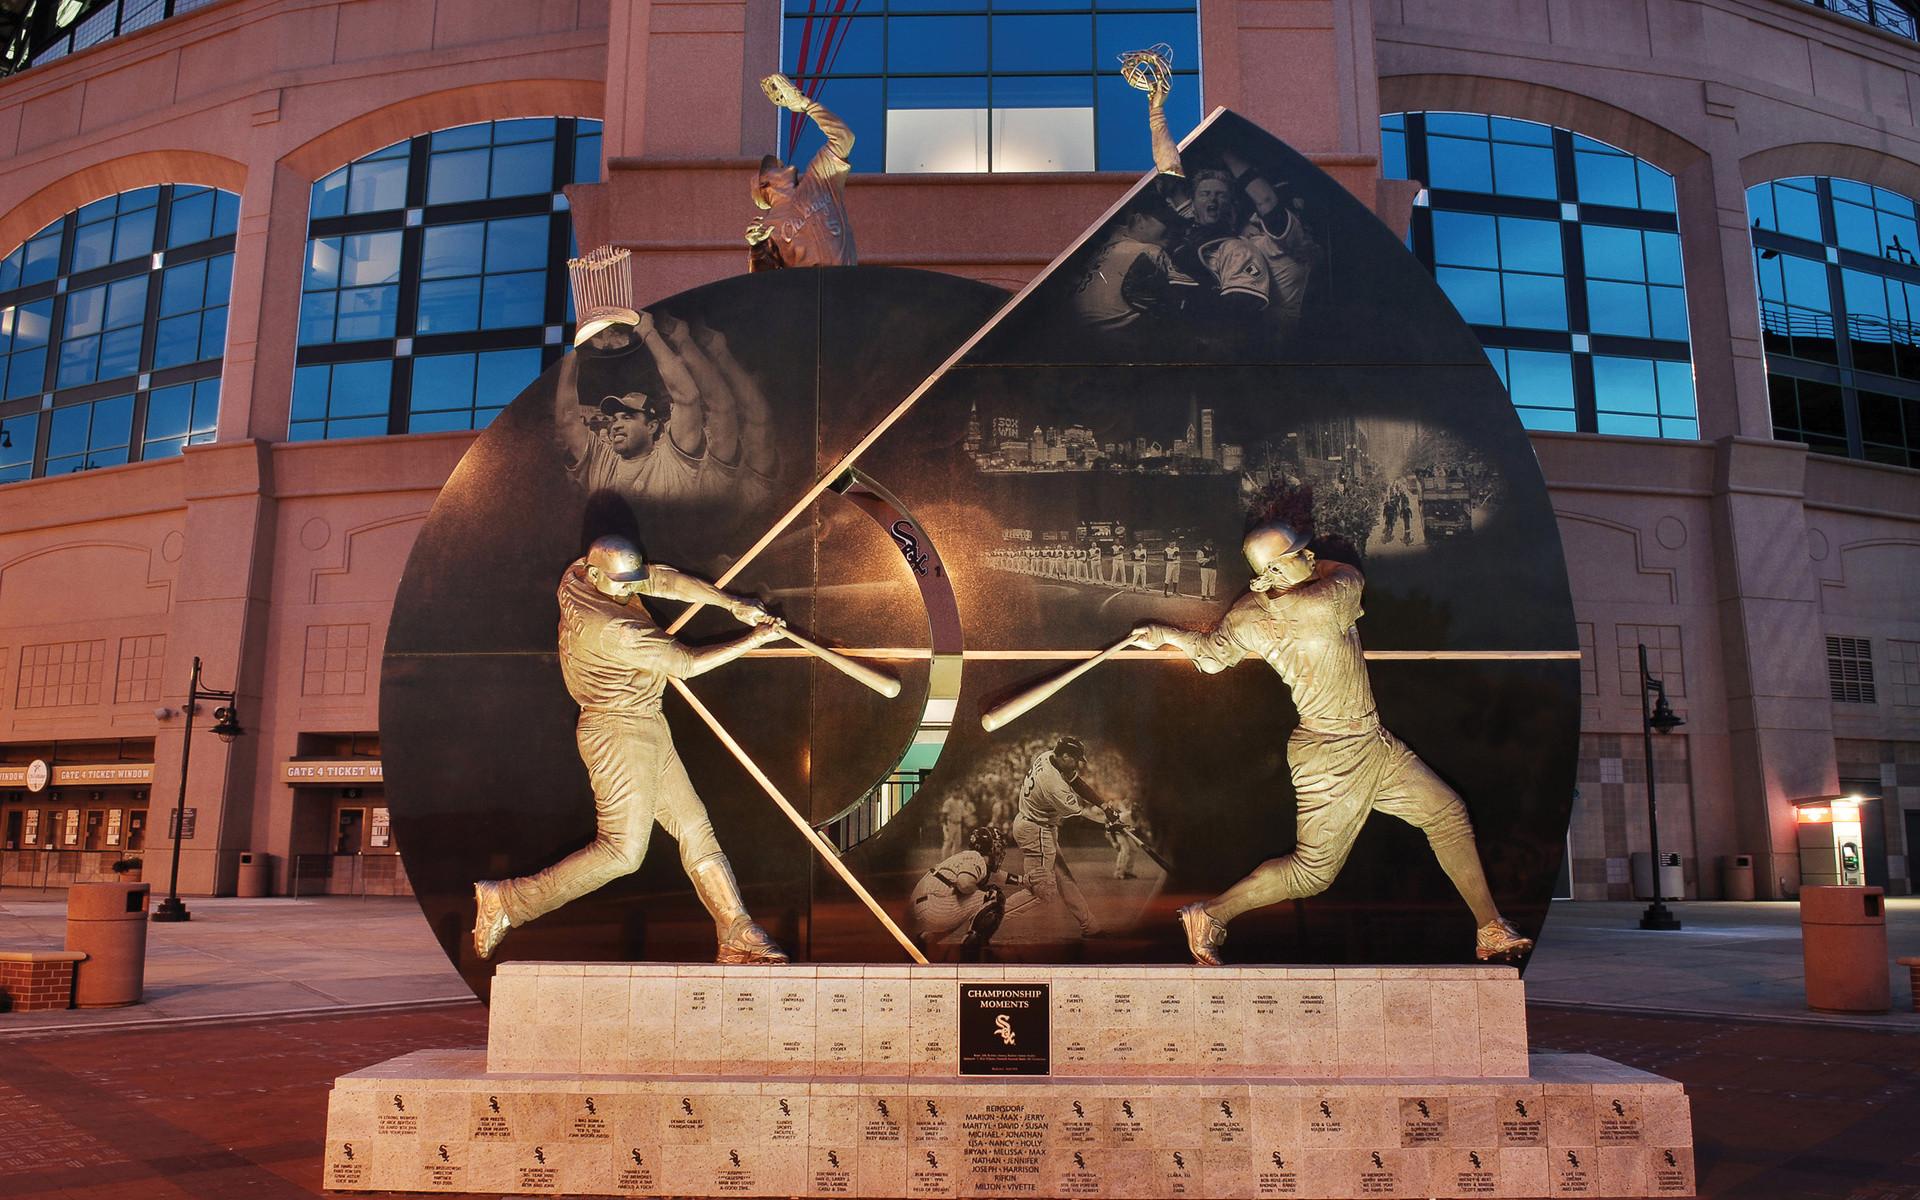 Mlb, Sports, Chicago White Sox Monument, Baseball, Chicago White Sox